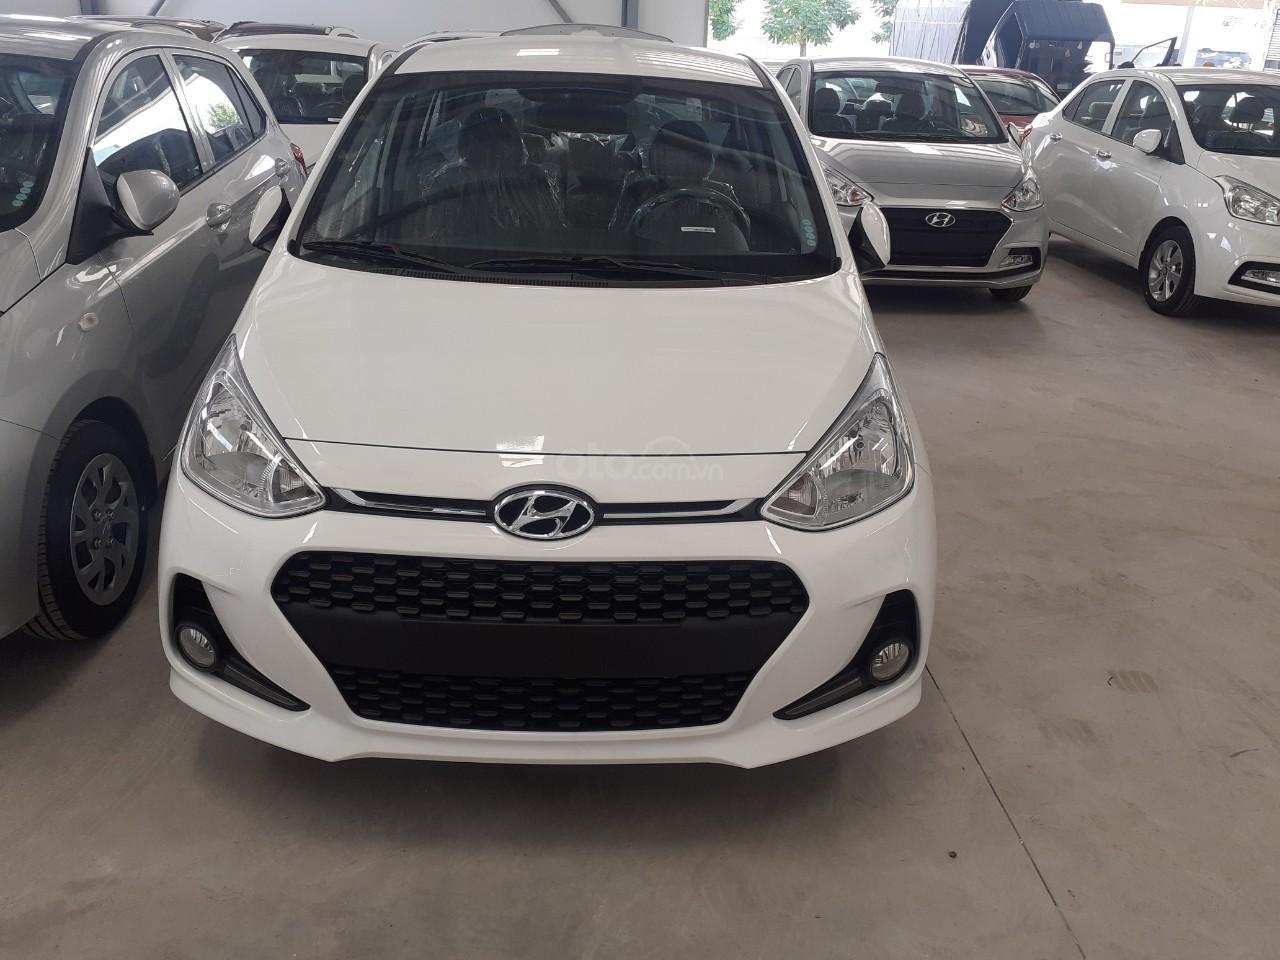 Bán xe Hyundai MT full 2019 giá 360 triệu, cơ hội trúng 100 triệu khi mua xe, xe mới 100% (5)